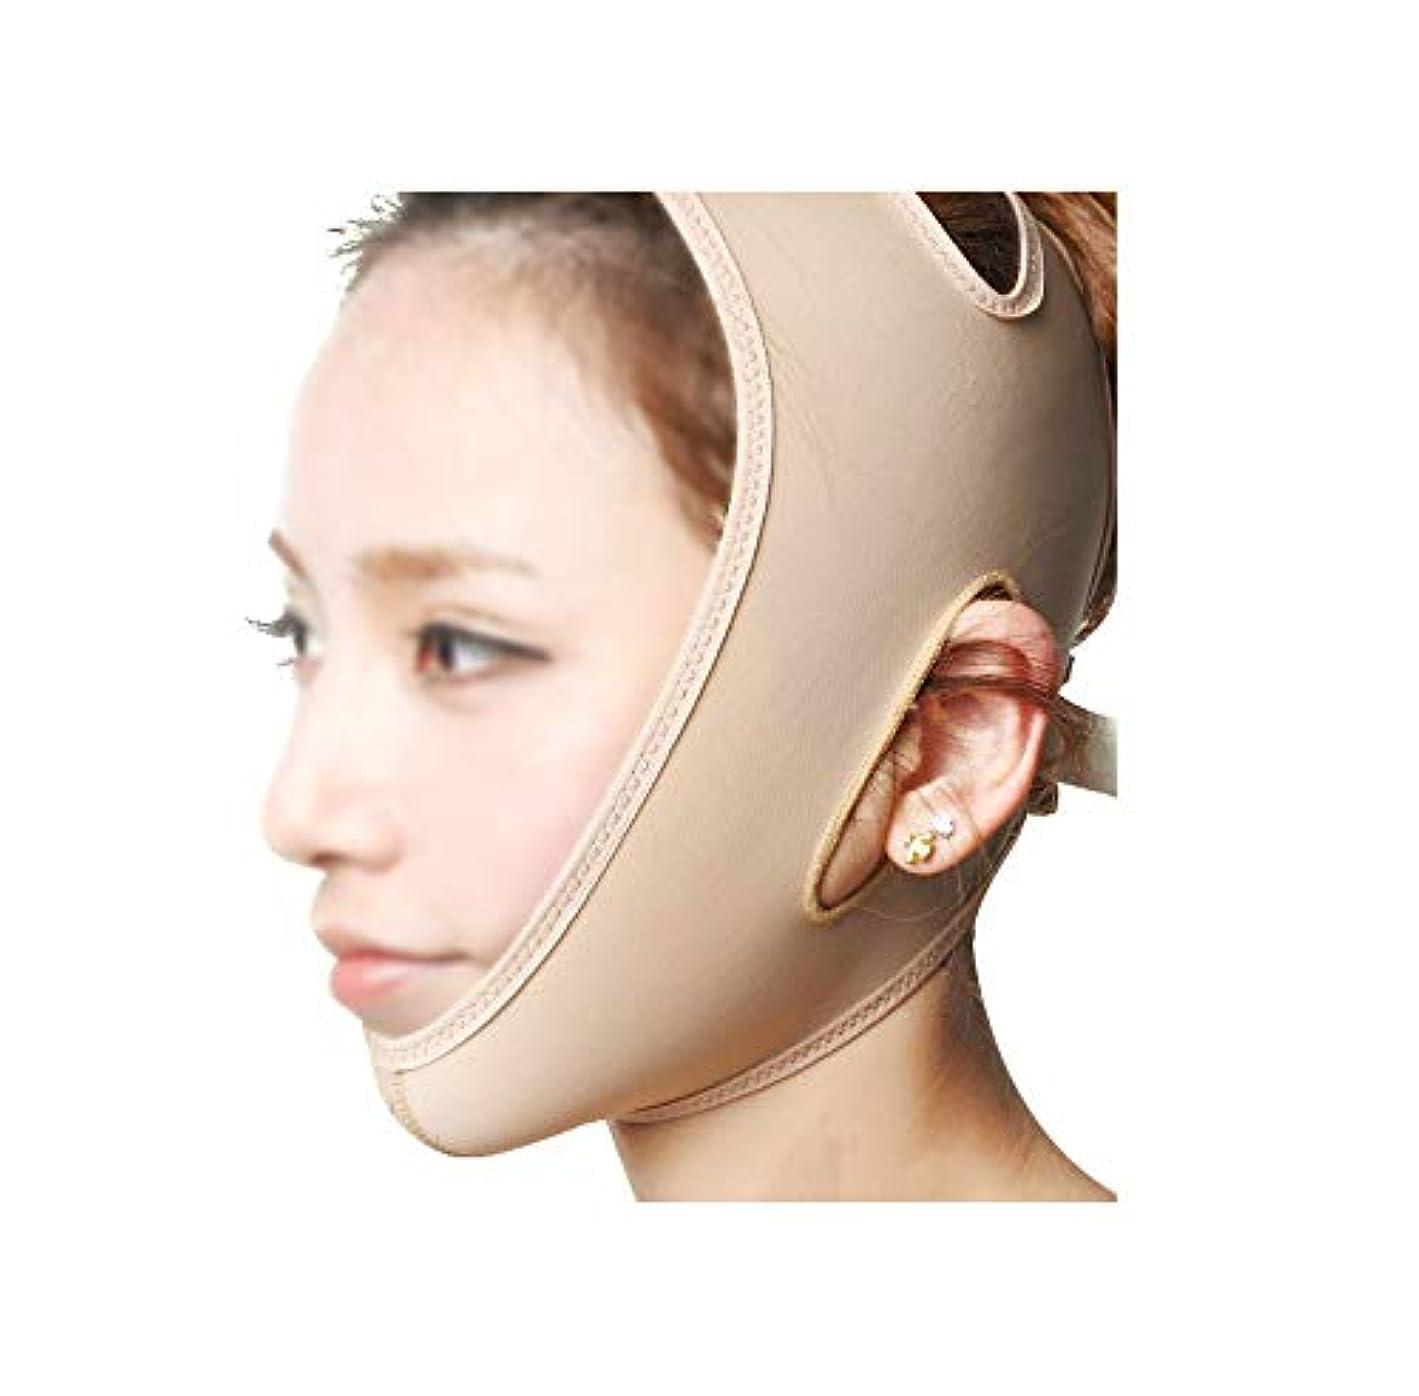 喜ぶマイナーダブルLJK フェイスリフティングバンデージ、フェイスマスク3Dパネルデザイン、通気性のある非通気性、高弾性ライクラ生地フィジカルVフェイス、美しい顔の輪郭の作成 (Size : S)